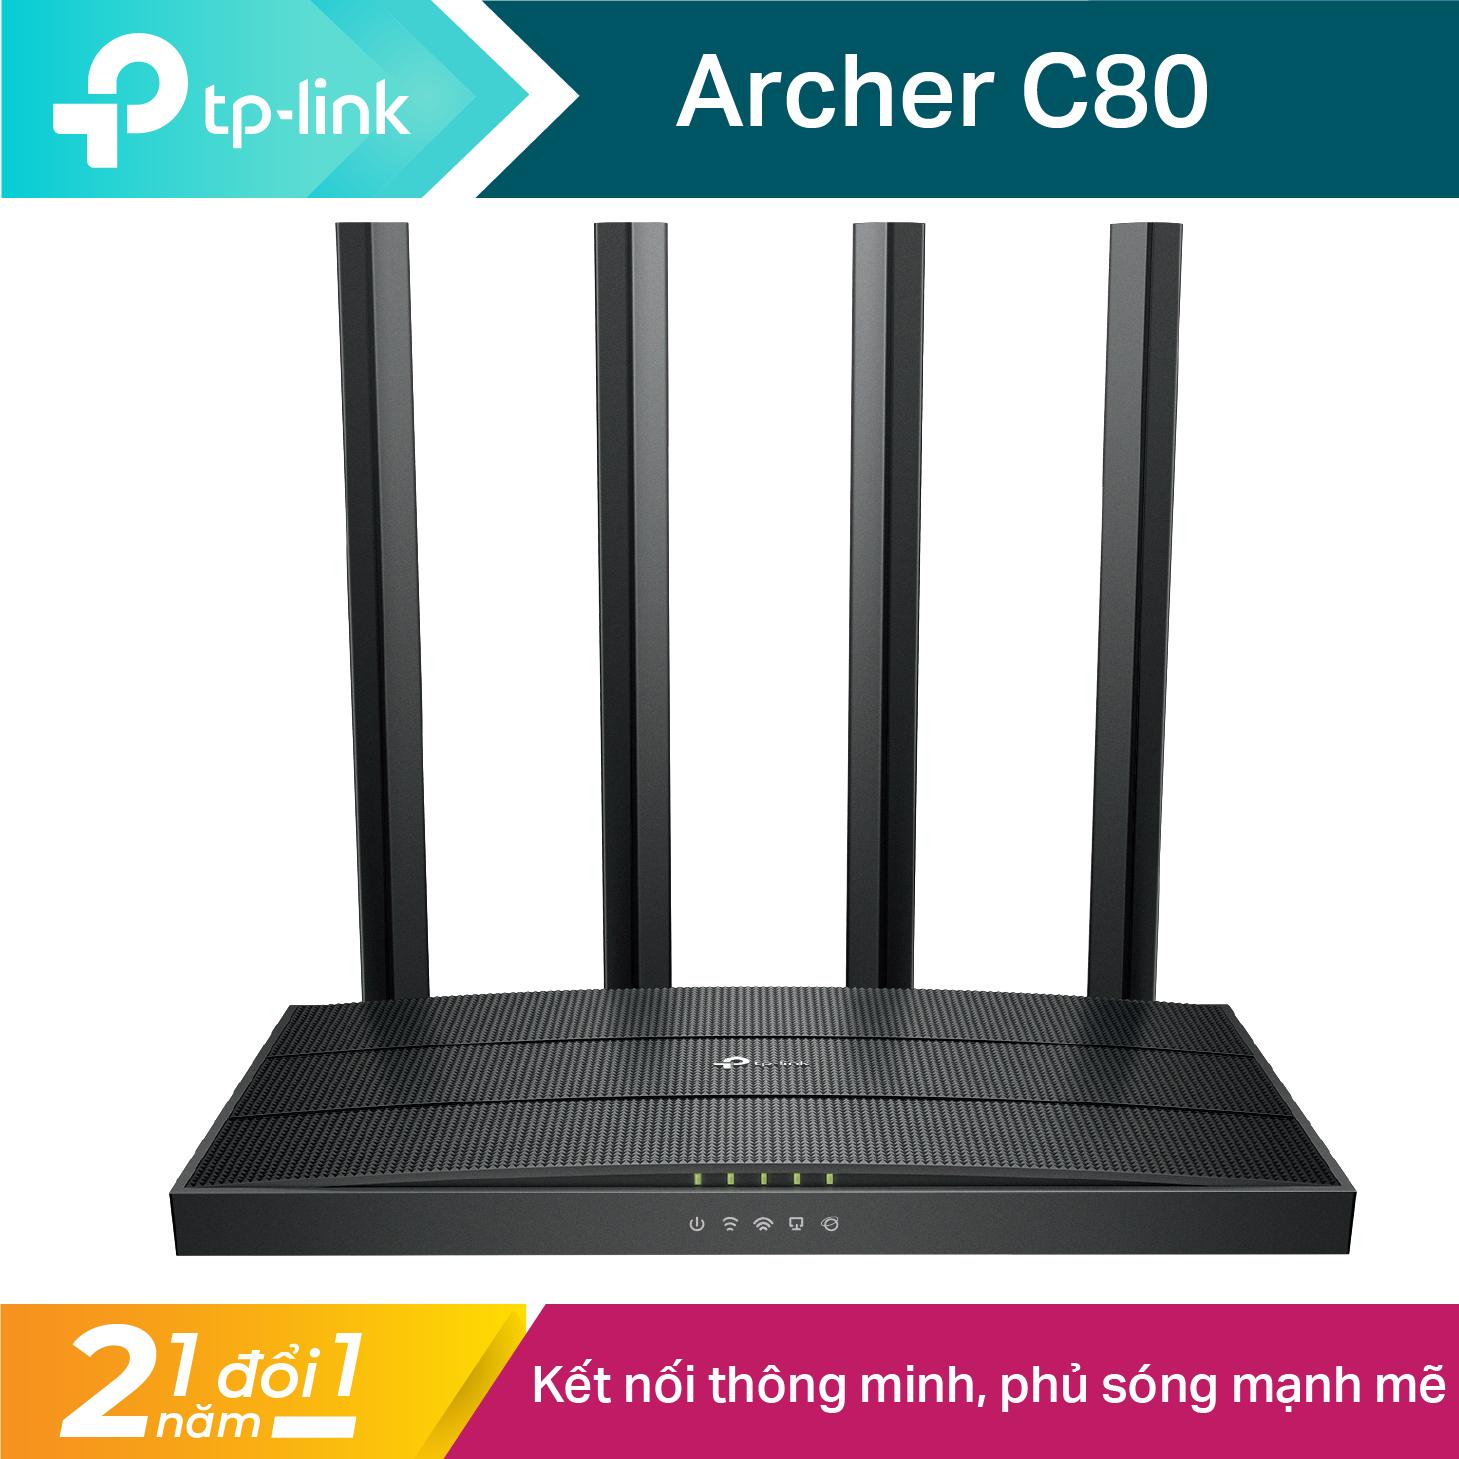 [🏆Router Cao Cấp🏆]Bộ phát wifi TP-Link băng tần kép MU-MIMO 3×3 AC1900 – Router wifi hiệu suất cao Archer C80 Hãng phân phối chính thức – Modem wifi TP Link Cục phát wifi TPLink -Bo phat wifi TPLink